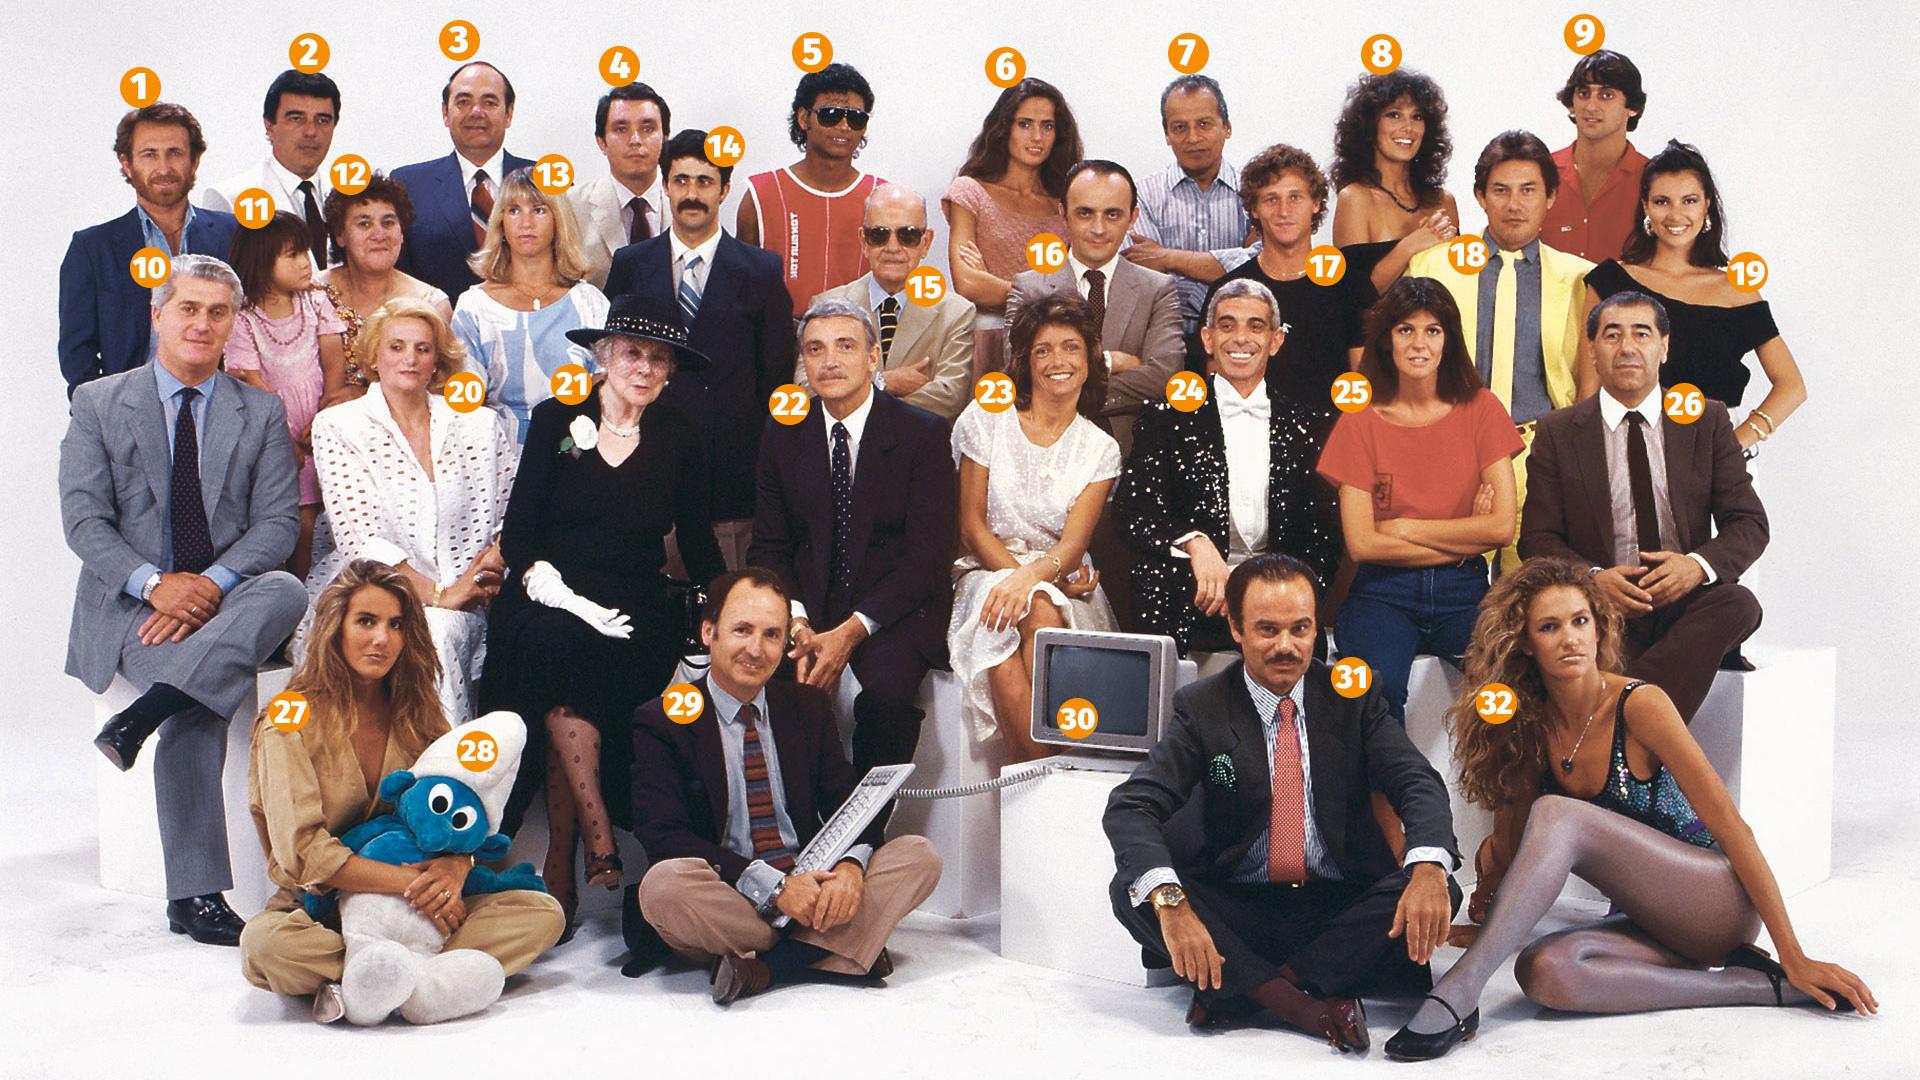 Adivinaste Quienes Son Los Personajes De 1984 Aqui La Respuesta Infobae